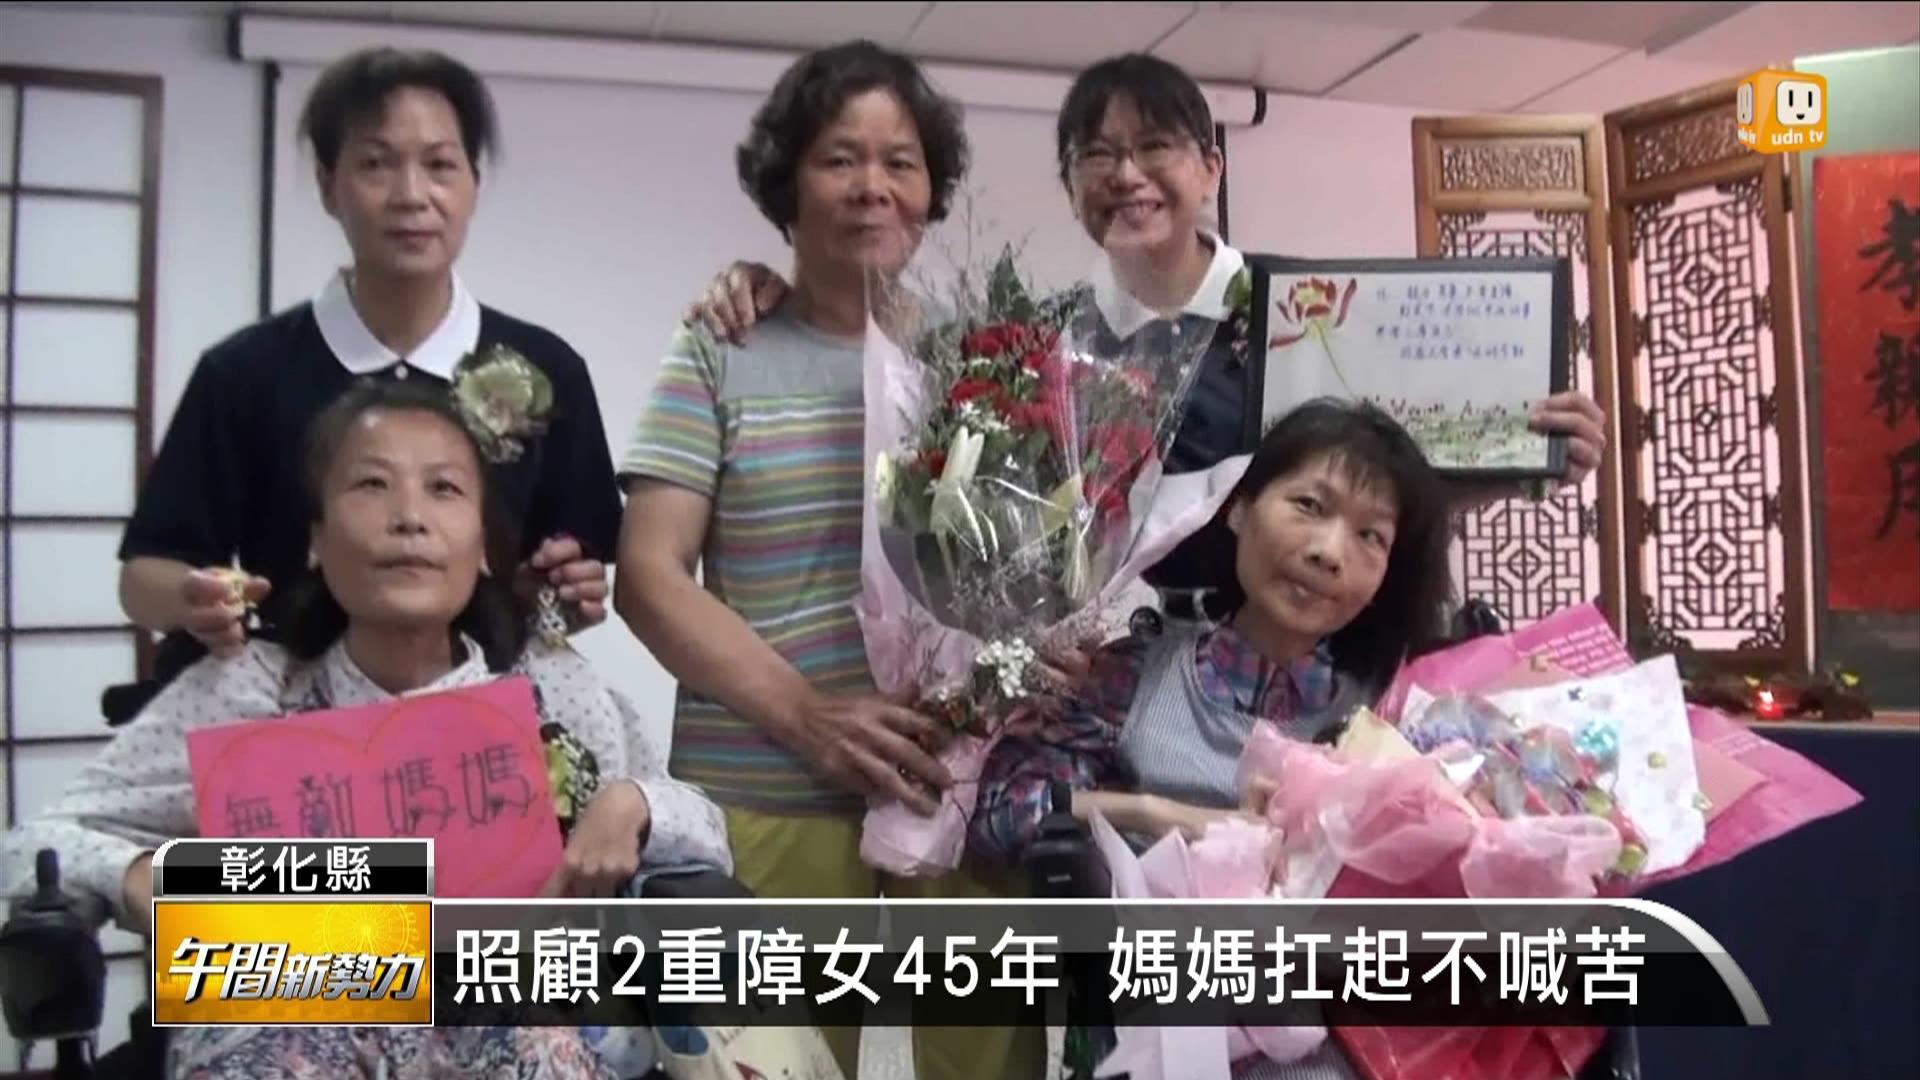 照顧2重障女45年 媽媽扛起不喊苦